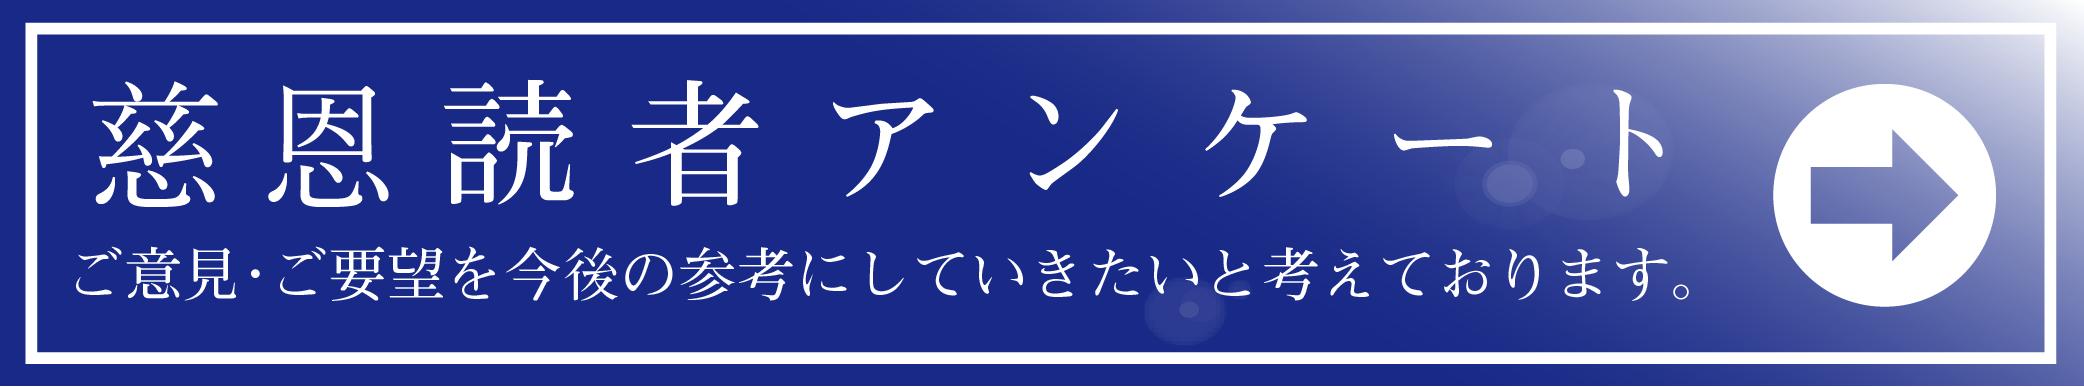 慈恩読者アンケート